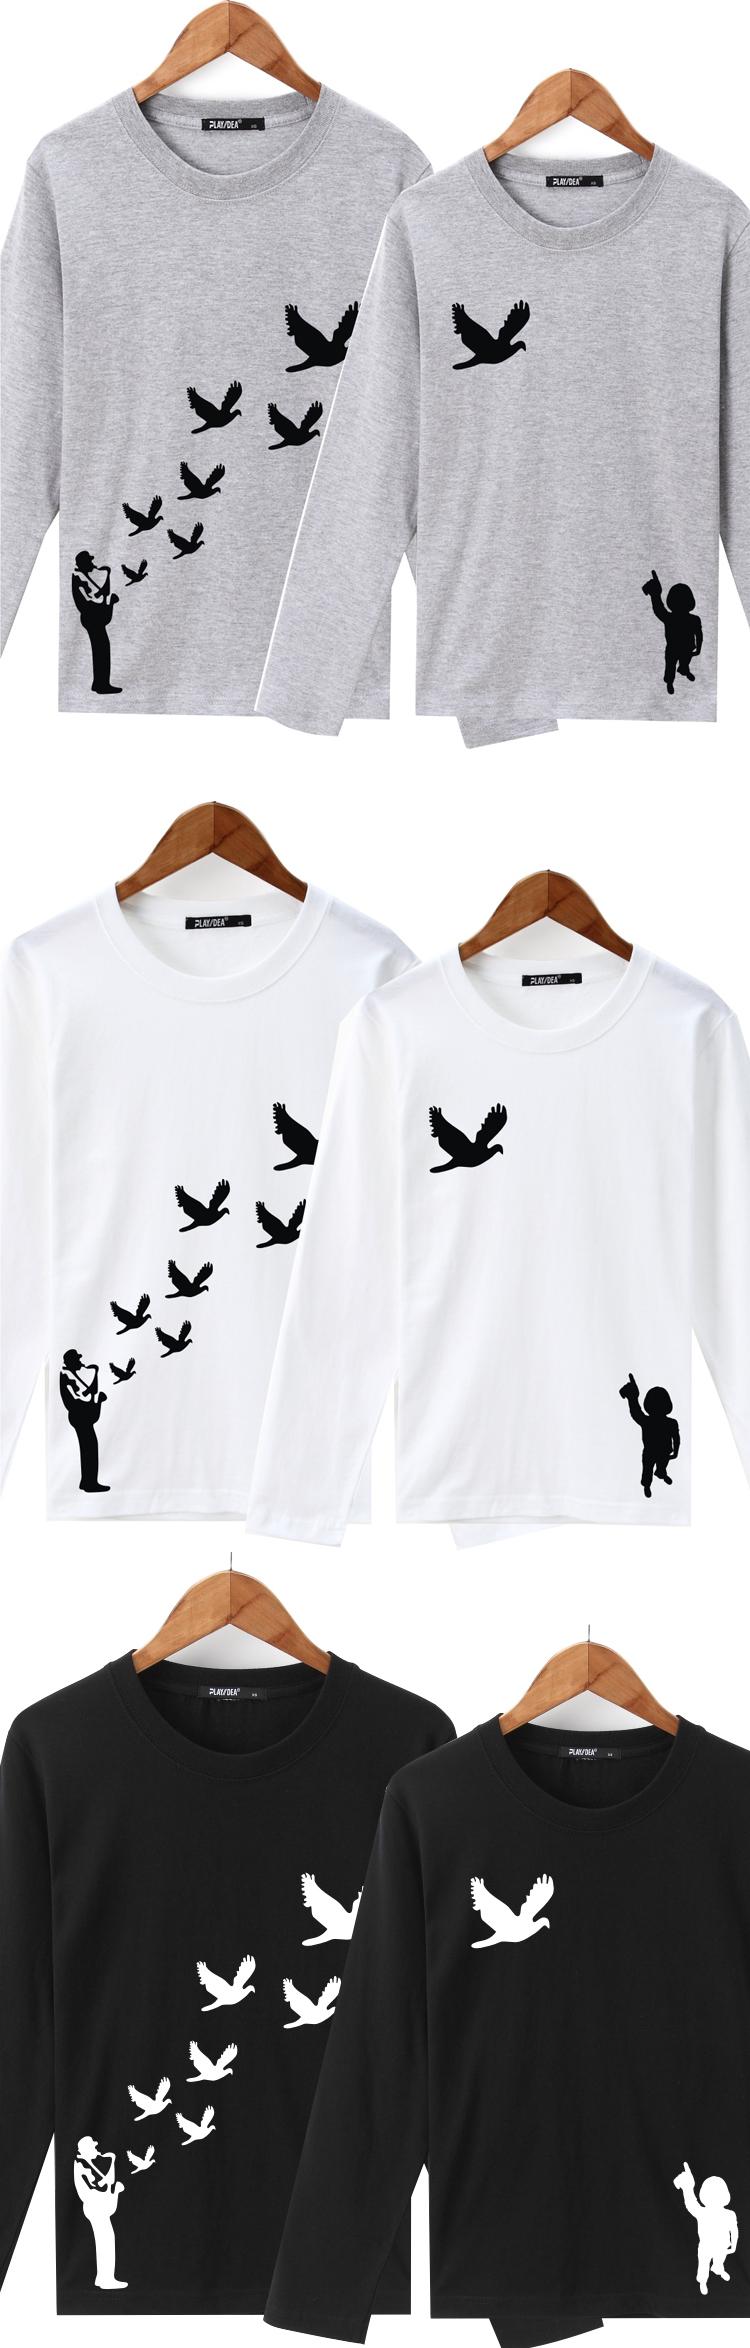 ◆快速出貨◆長袖T恤.情侶裝.班服.MIT台灣製.獨家配對情侶裝.客製化.純棉長T.飛鳥 歸巢 鴿子天空飛【YL0472】可單買.艾咪E舖